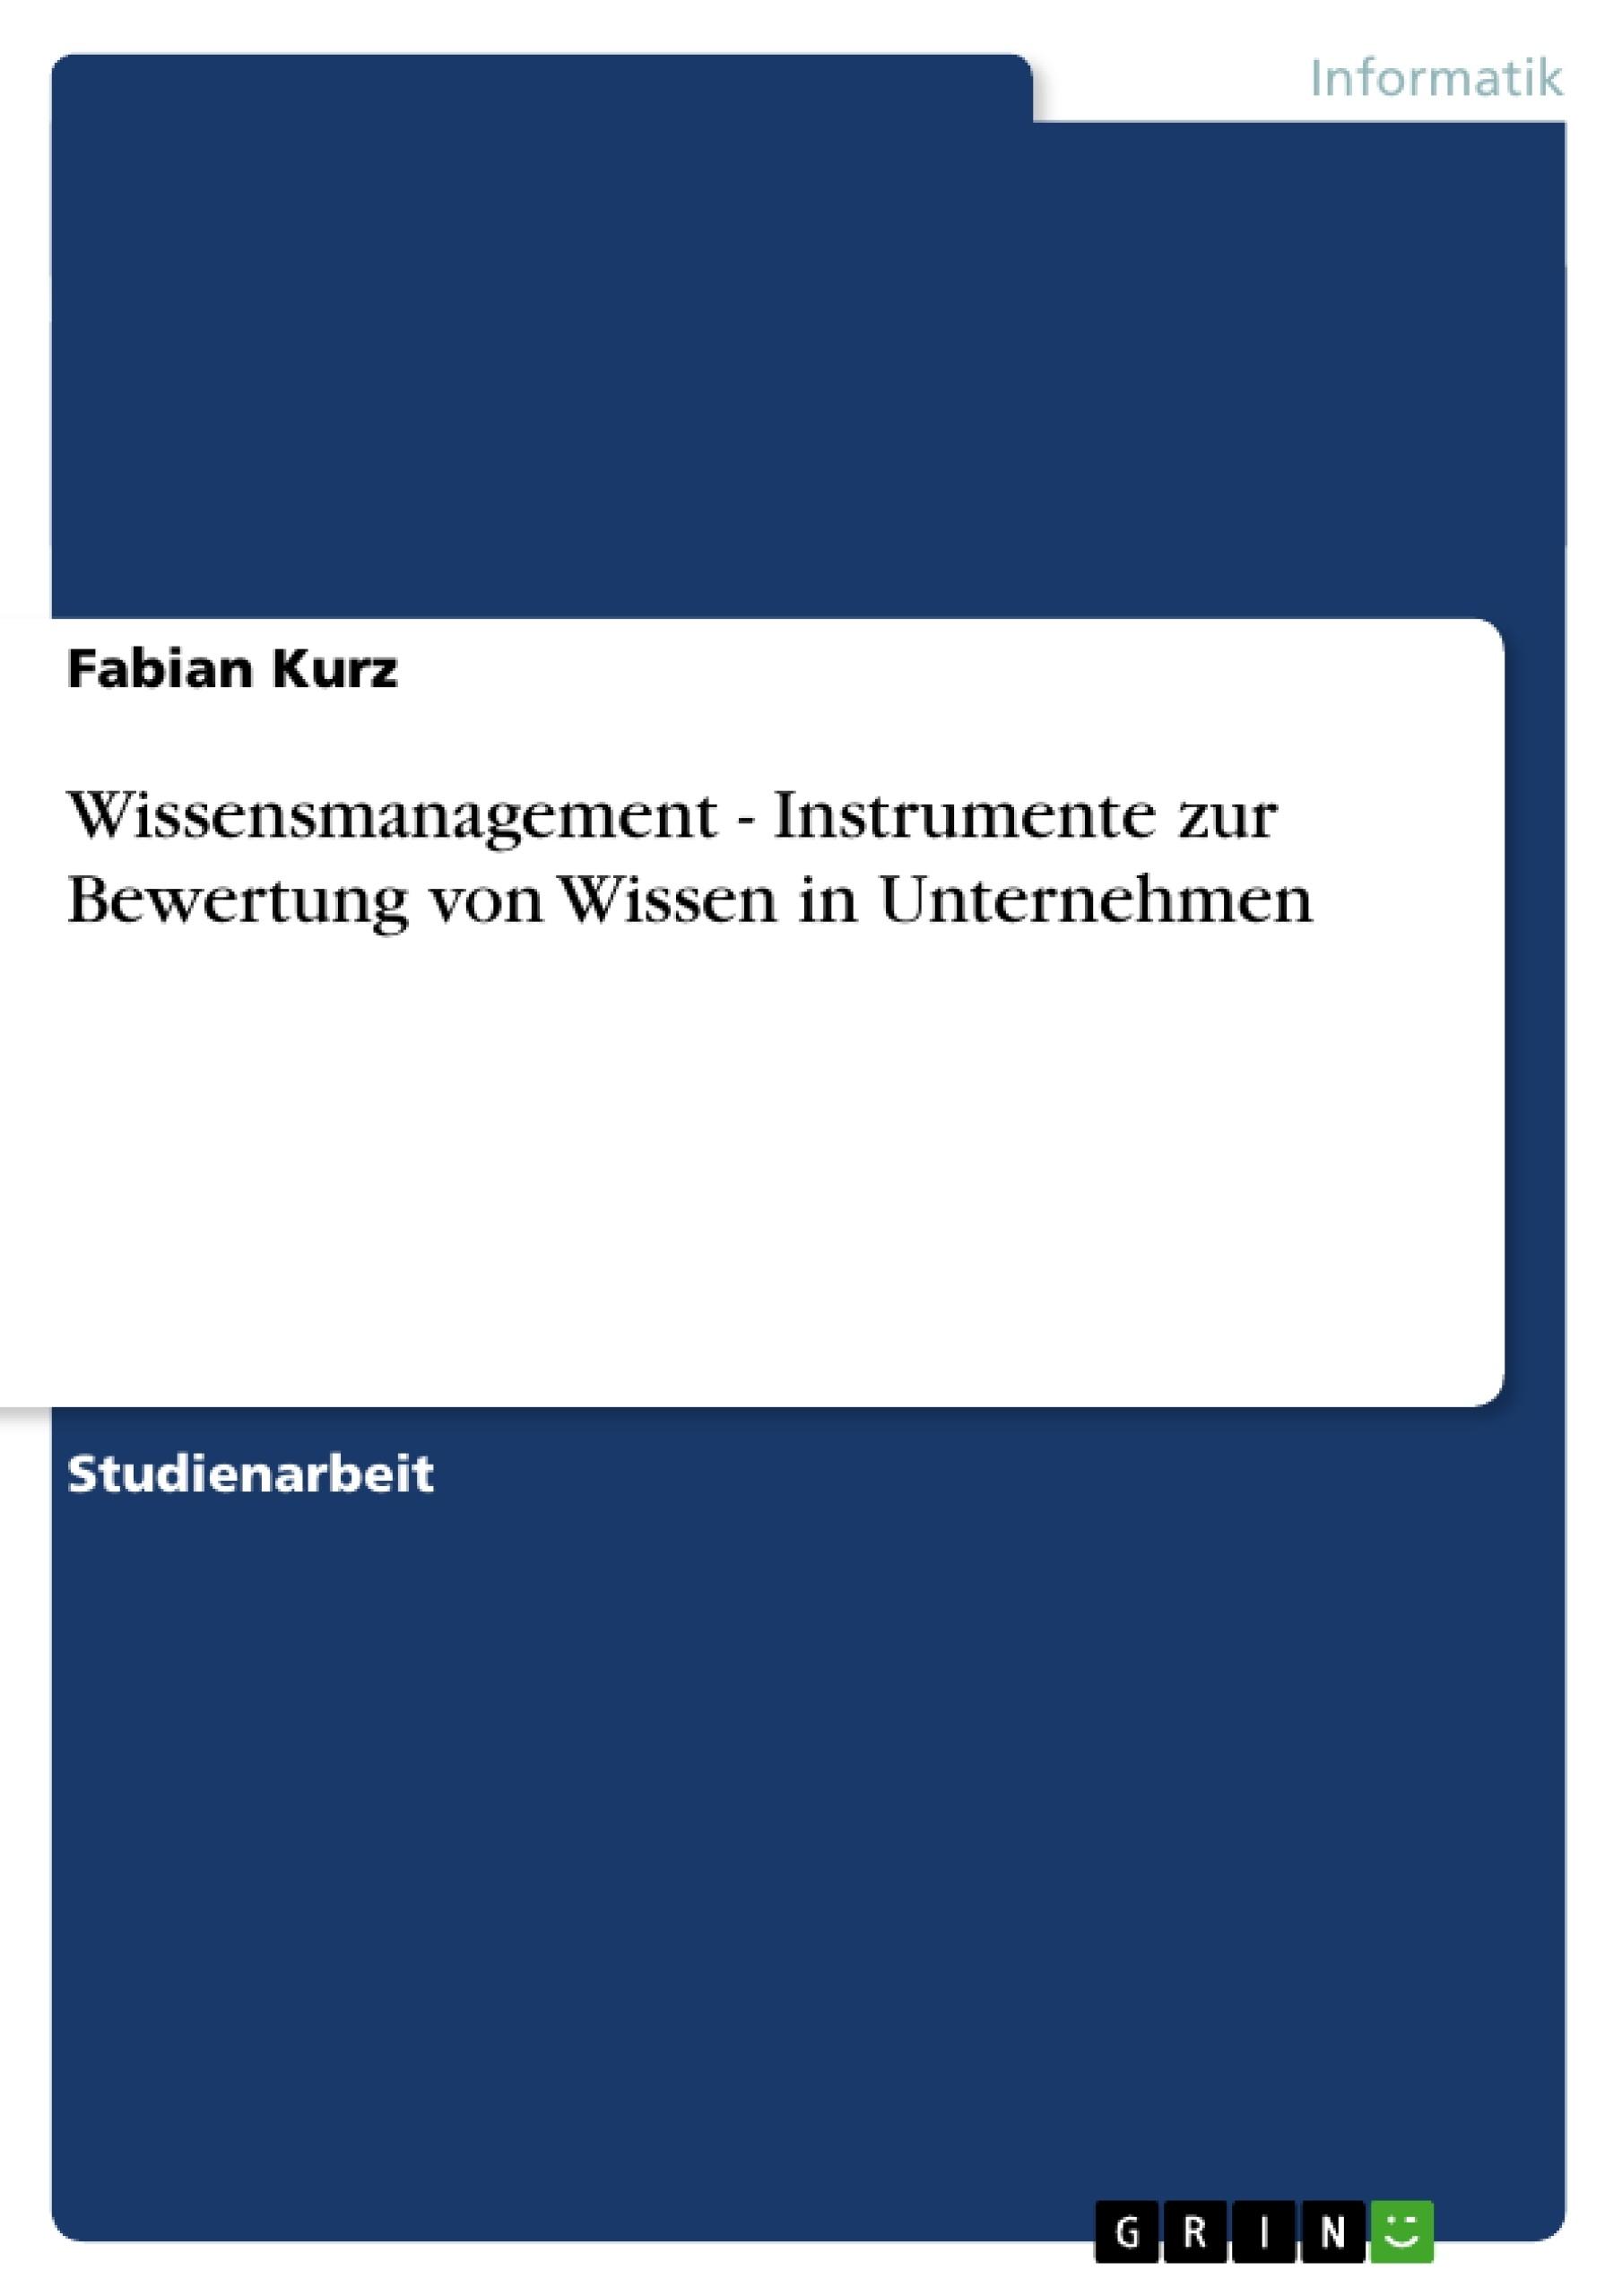 Titel: Wissensmanagement - Instrumente zur Bewertung von Wissen in Unternehmen